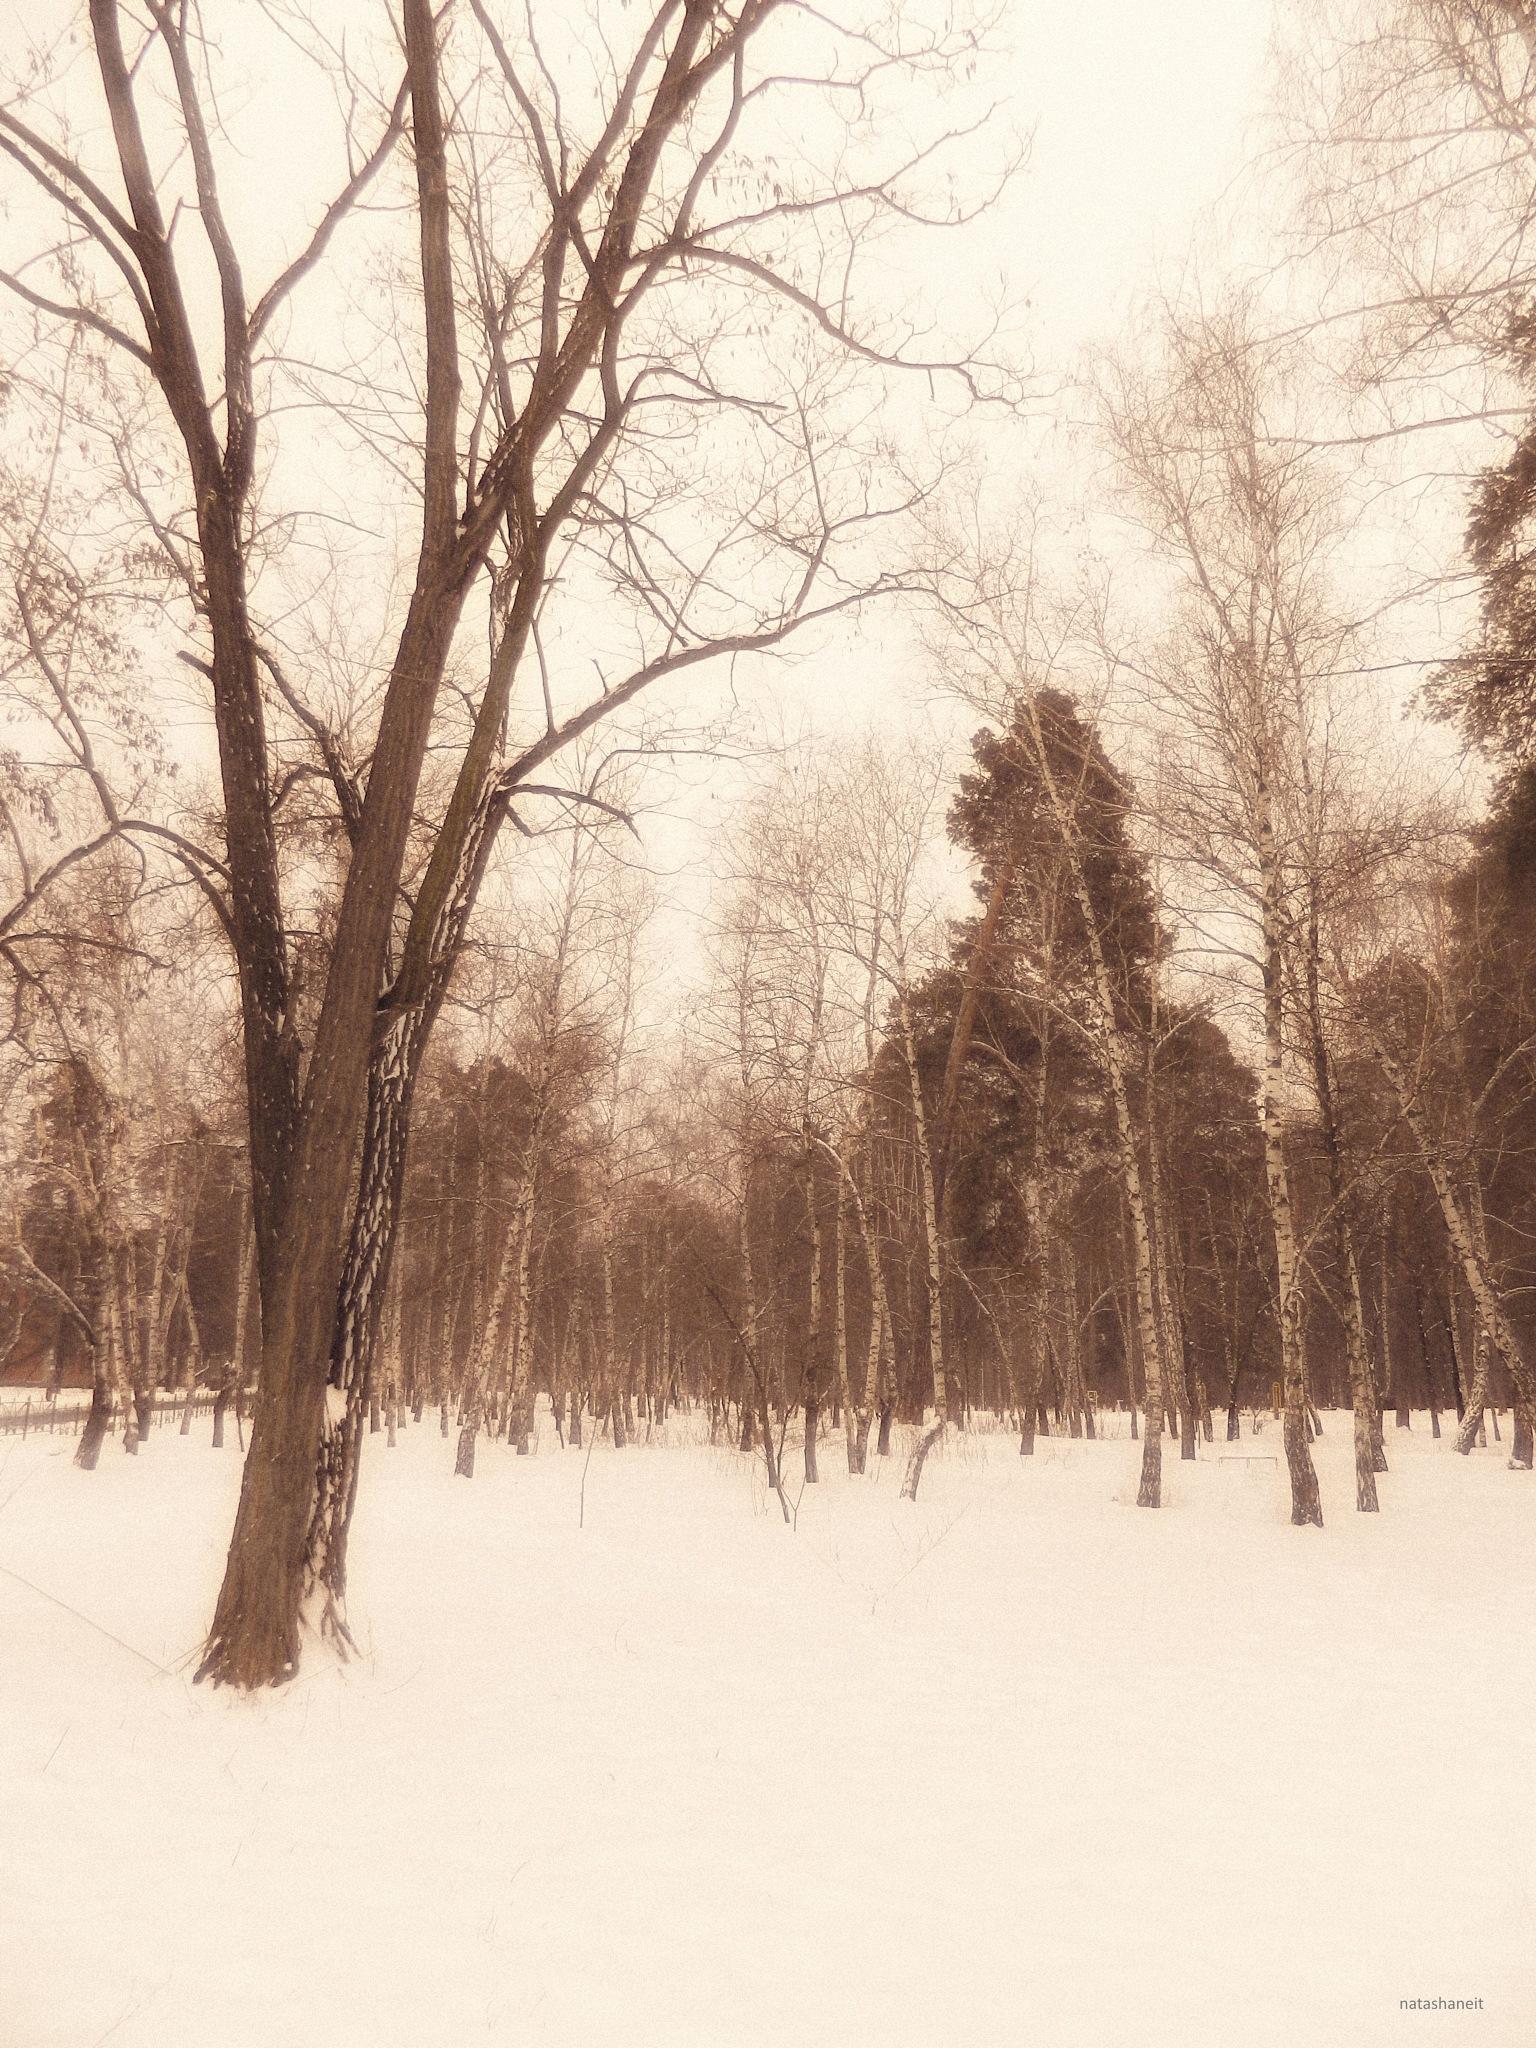 Forest park by natashaneit